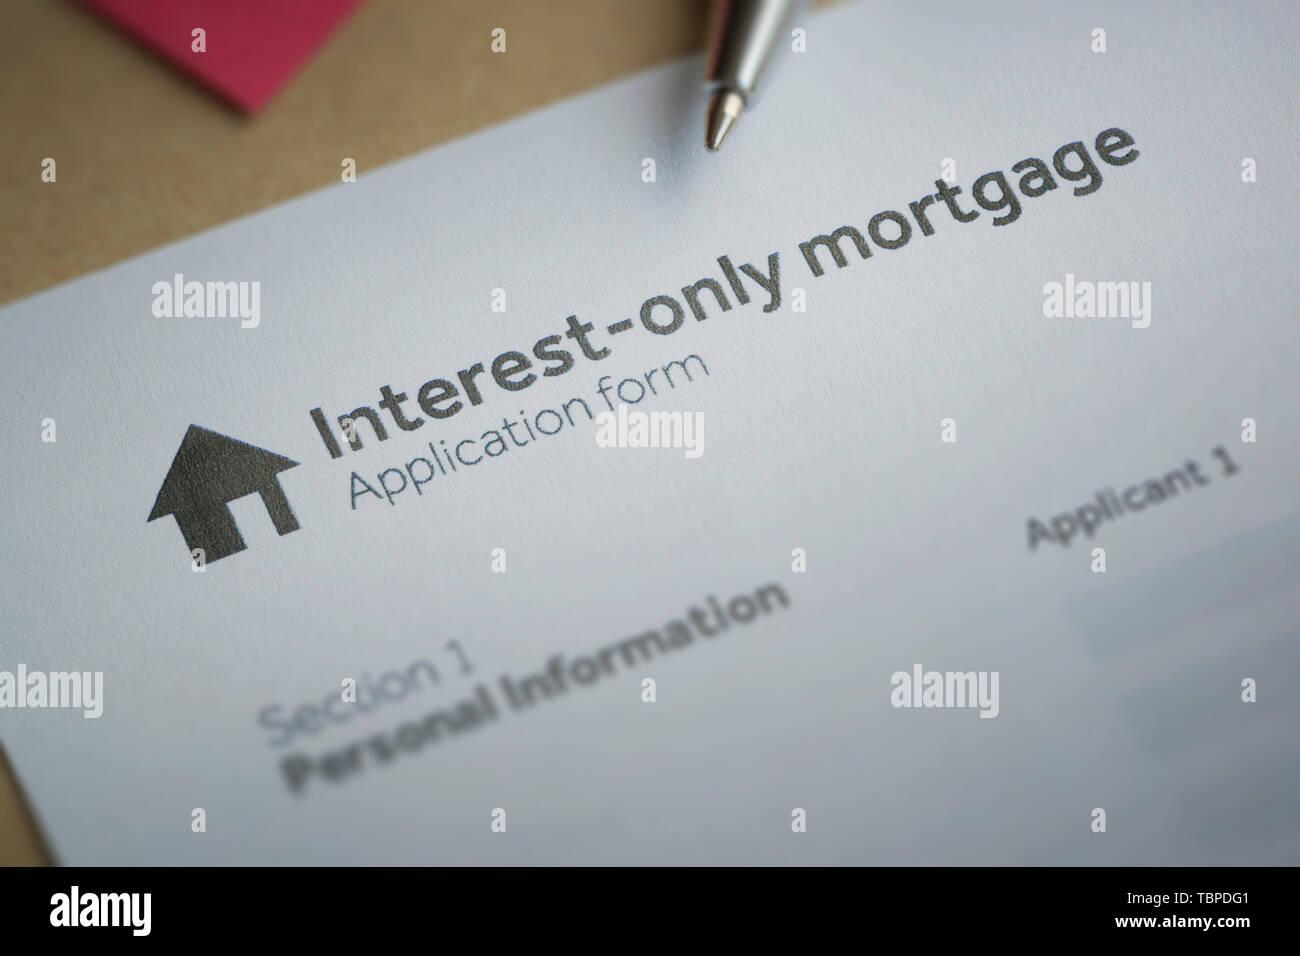 Un'applicazione fittizia forma di suggerire una persona sta valutando la possibilità di applicare per un interesse di ipoteca soltanto su una casa. Immagini Stock